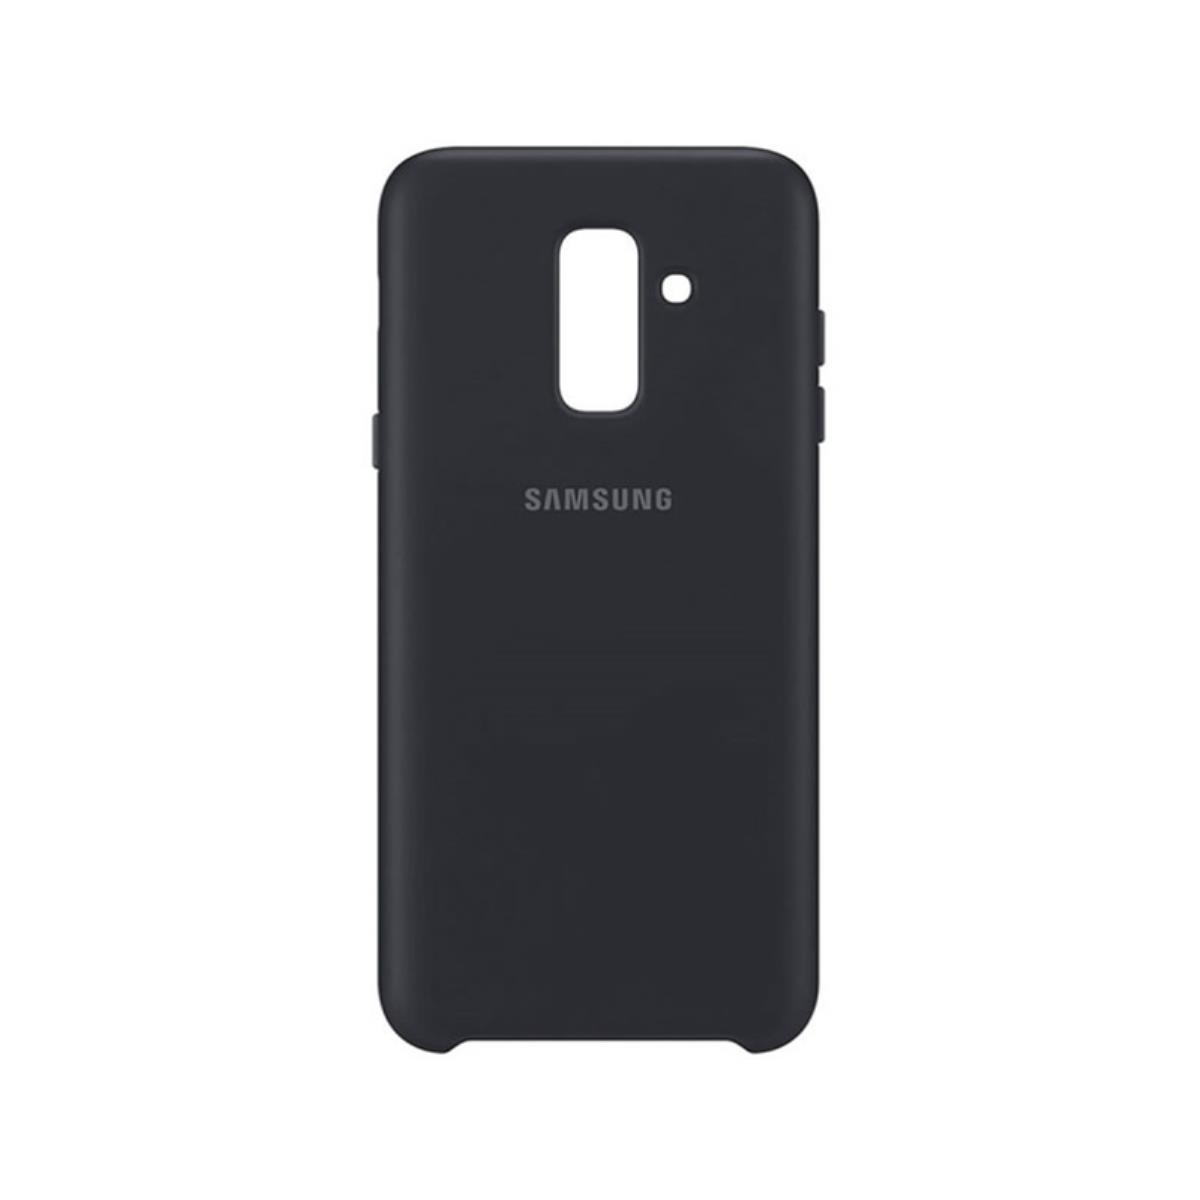 SAMSUNG GALAXAY TAB A 2016 T580 16GB/2GB BLACK